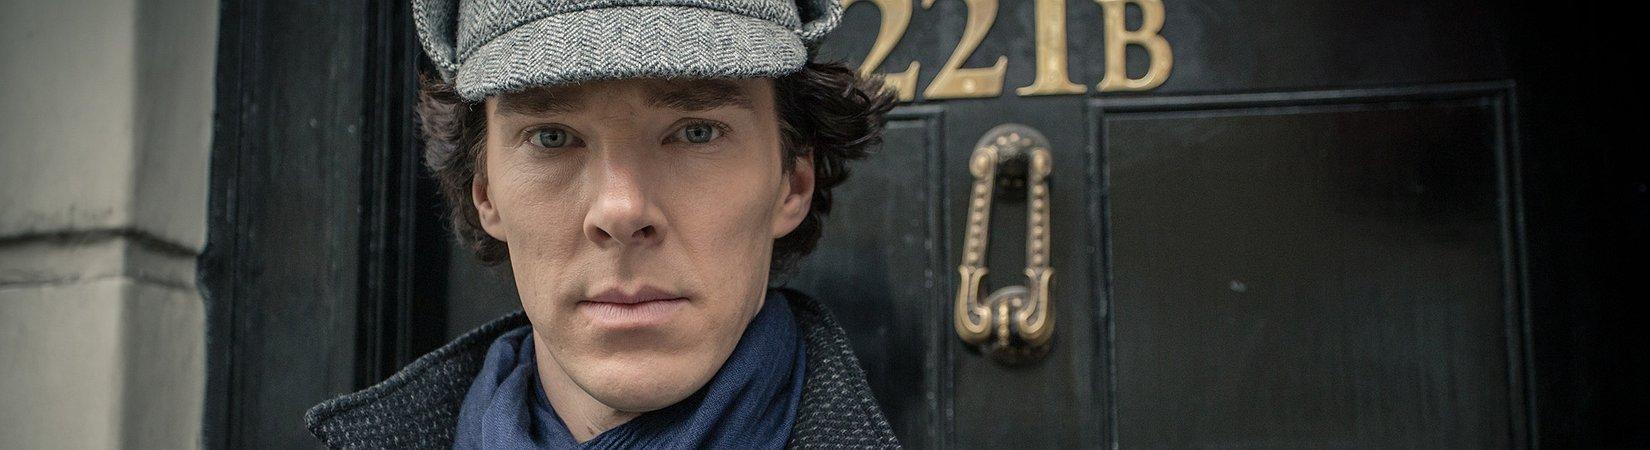 Cómo ser un buen inversor, según Sherlock Holmes